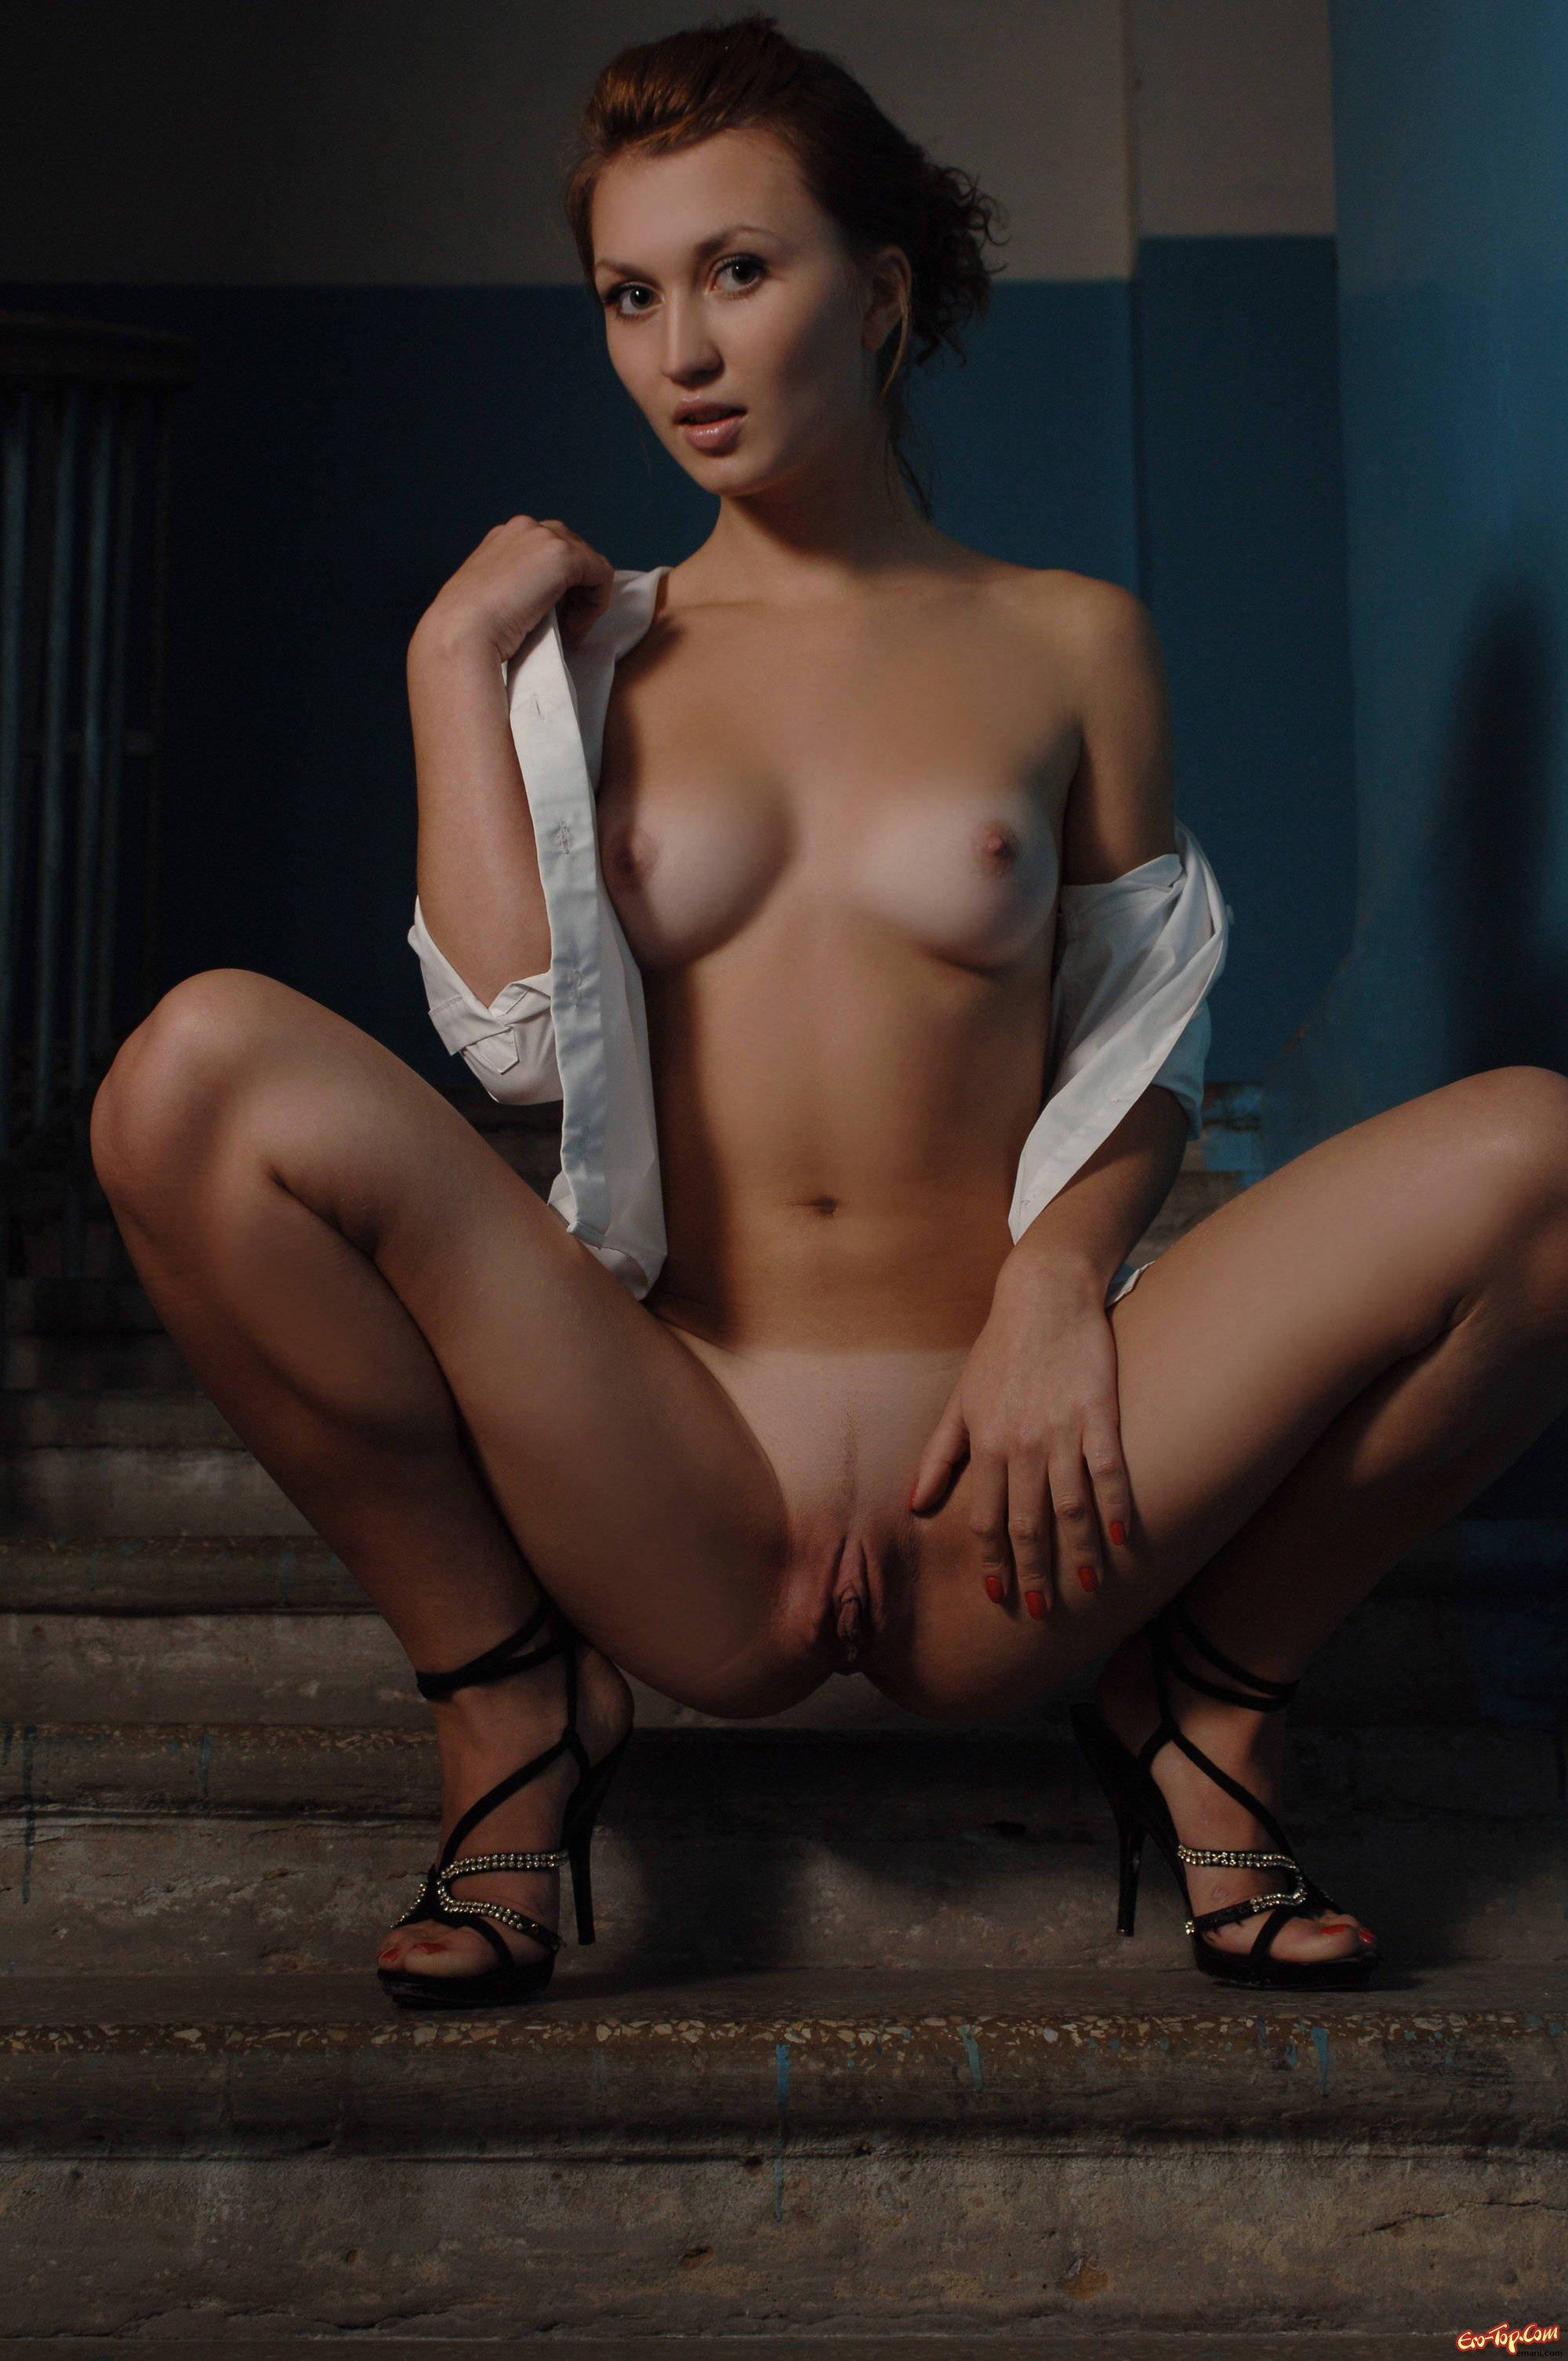 Обнаженная телка с красивой не загорелой грудью